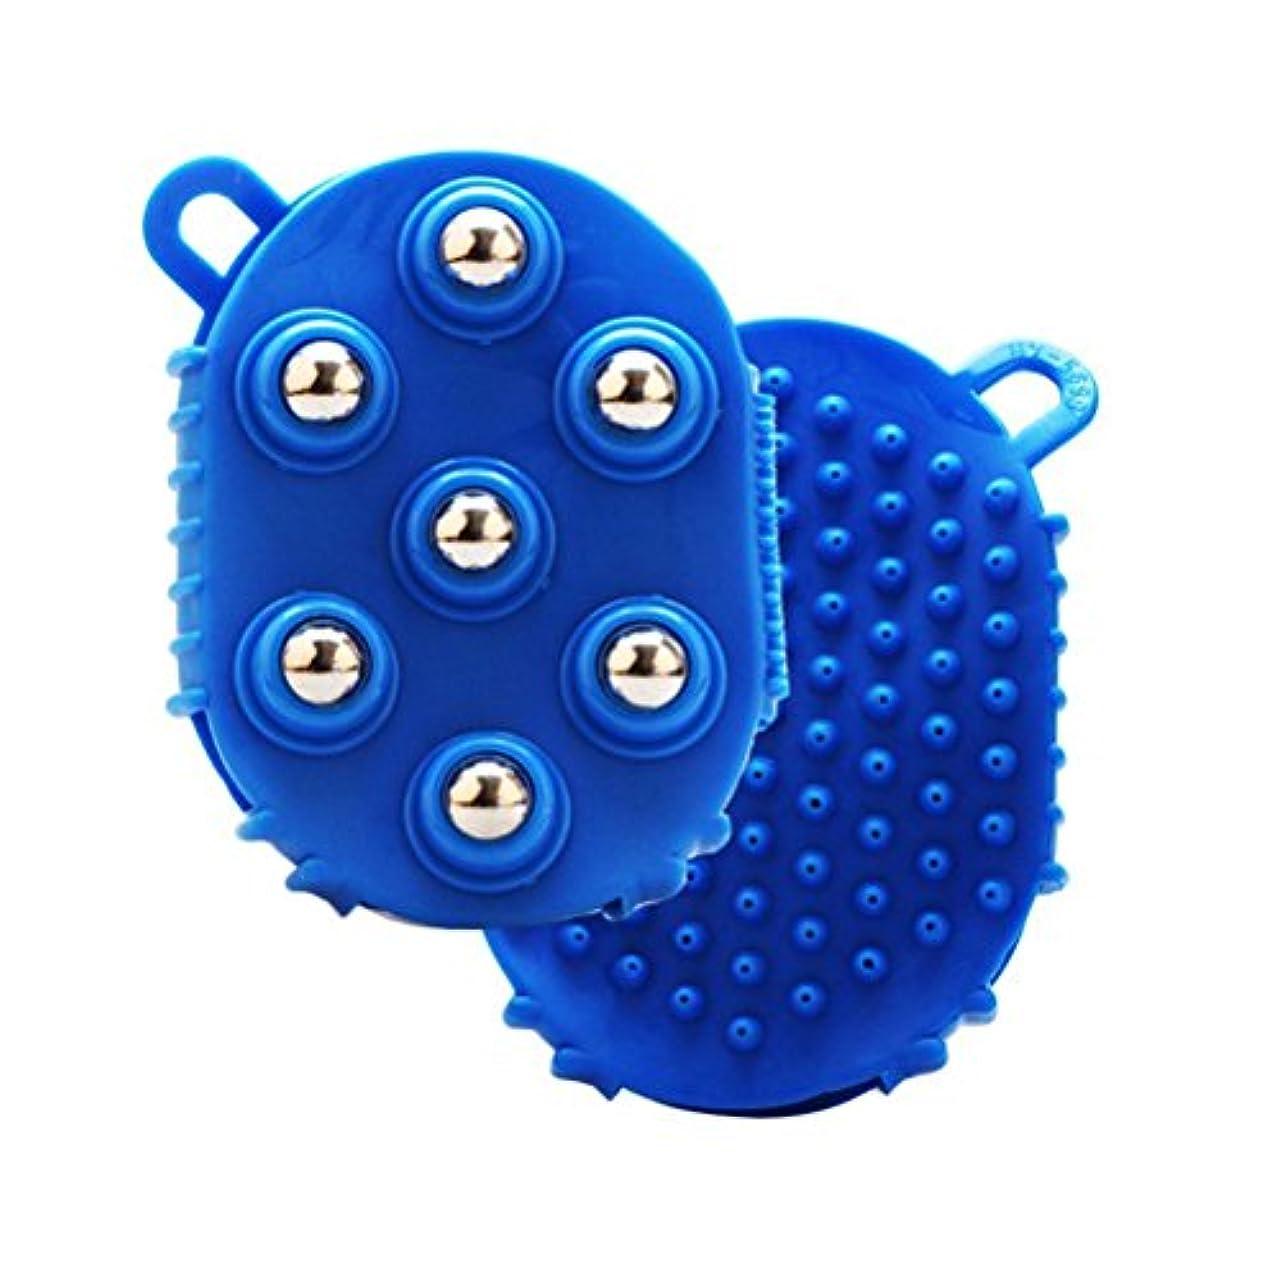 ホステル火男HEALLILY 手のひら型マッサージグローブマッサージバスブラシ7本付きメタルローラーボールハンドヘルドボディマッサージ用痛み筋肉筋肉痛セルライト(青)